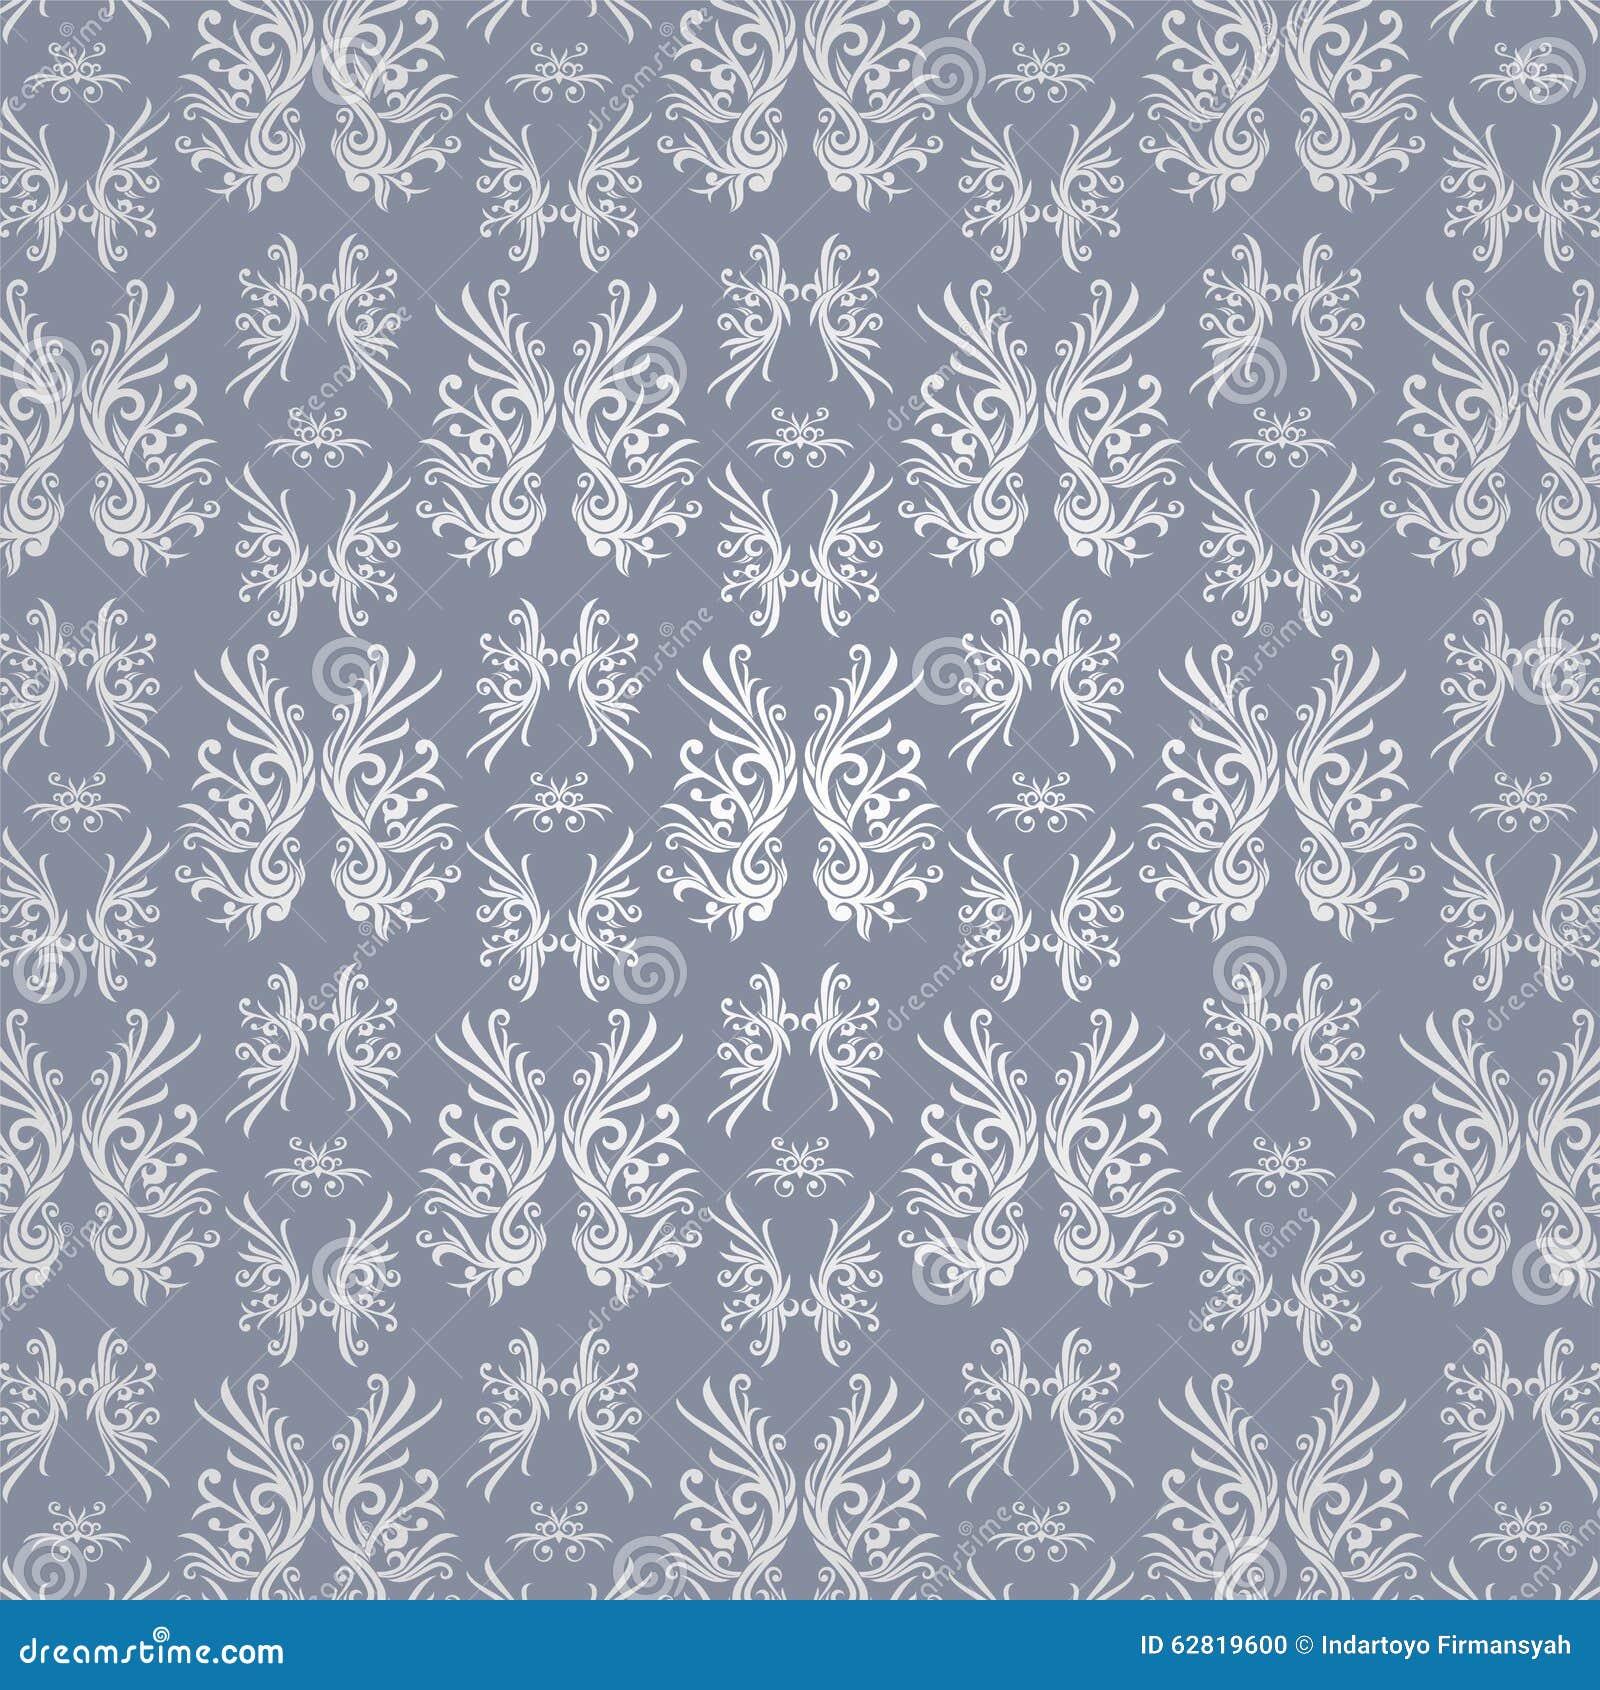 dd9e692c8d3 Batik mit Blumen und Strudelverzierung mit abstrakter Form für  Beschaffenheit